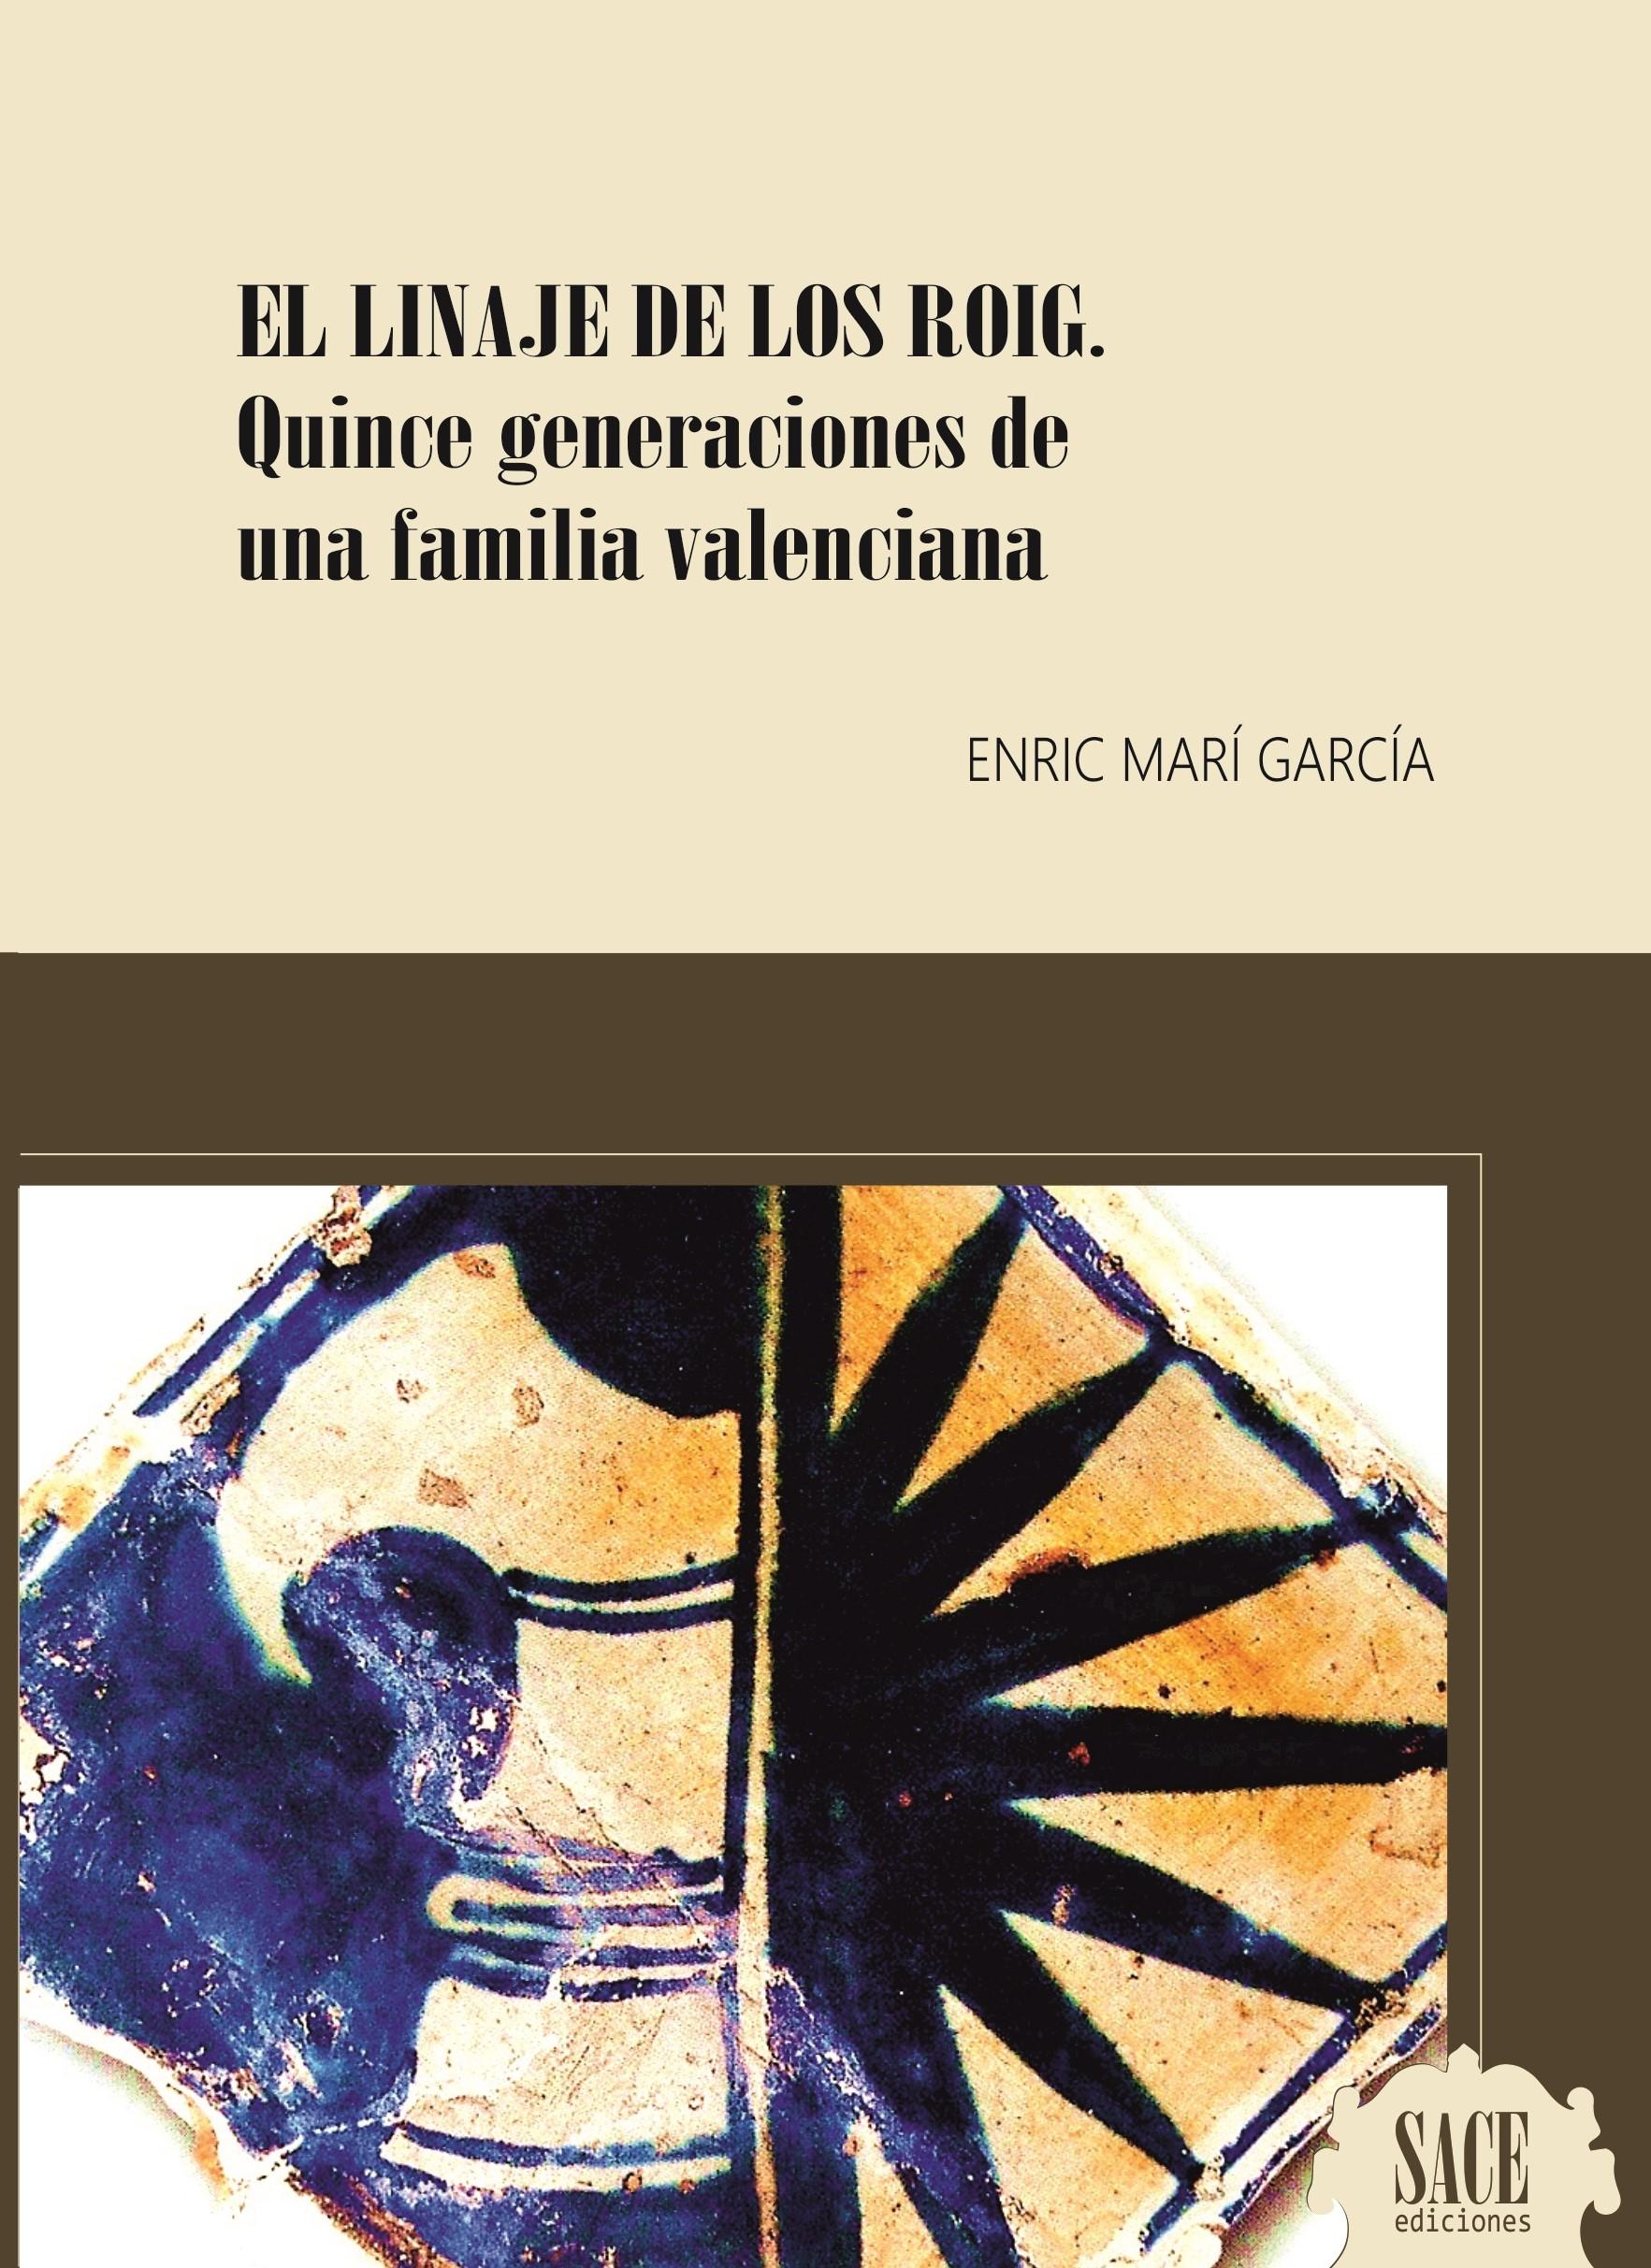 EL LINAJE DE LOS ROIG. Quince generaciones de una familia valenciana